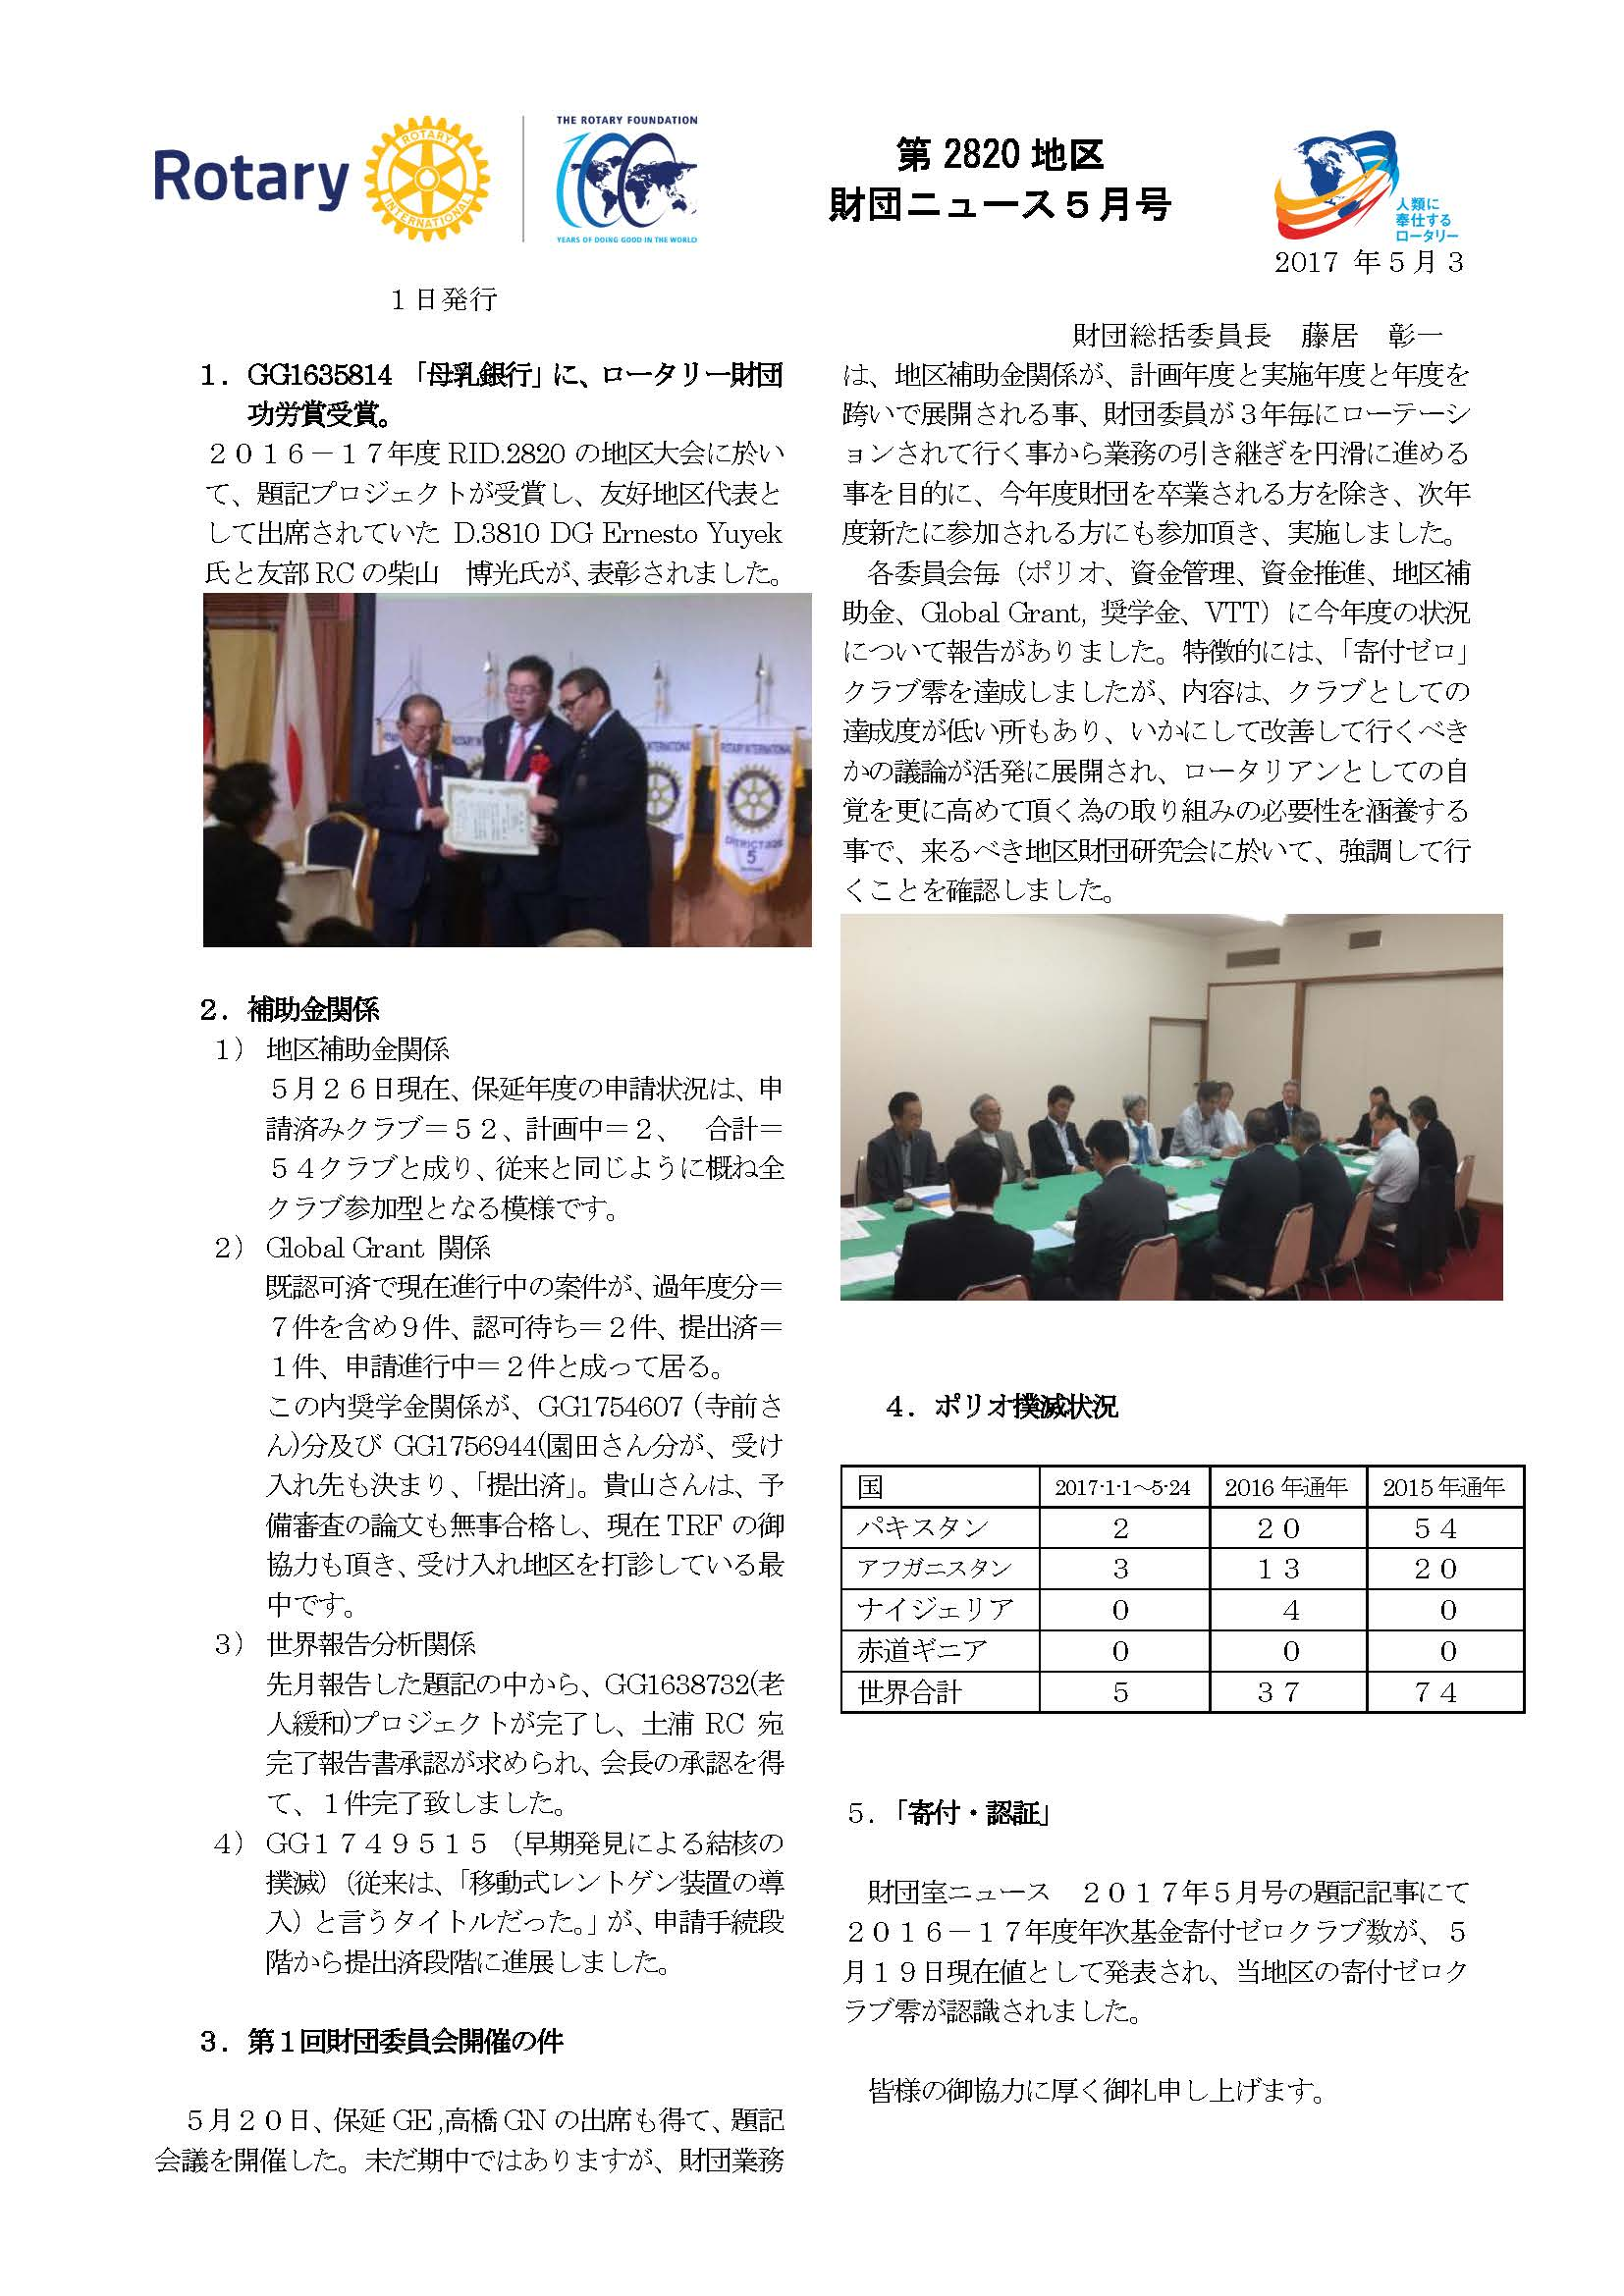 rid-fond-news-201706